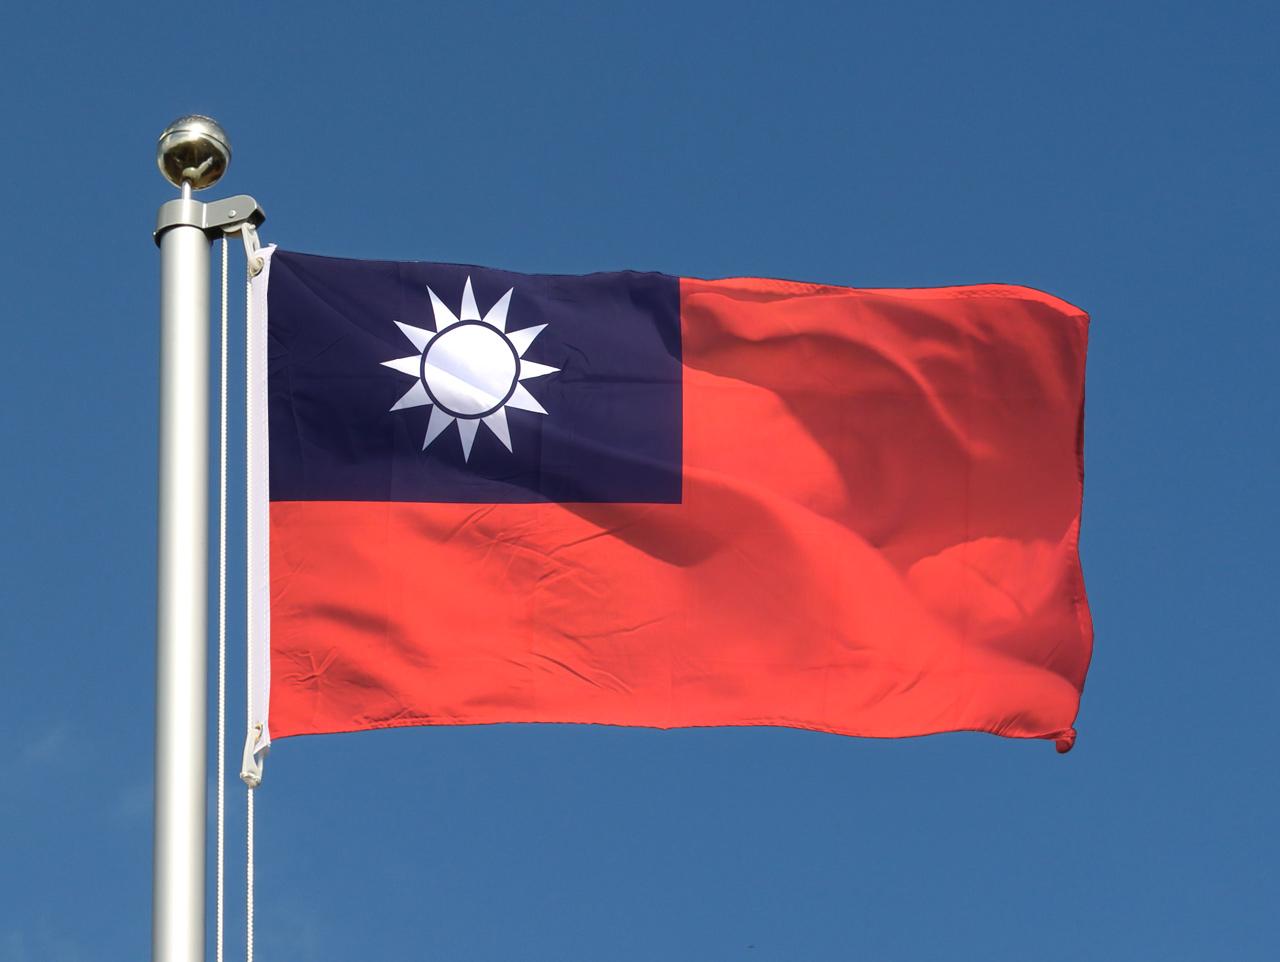 Drapeau pas cher taiwan 60 x 90 cm monsieur des drapeaux for Drapeau publicitaire exterieur pas cher